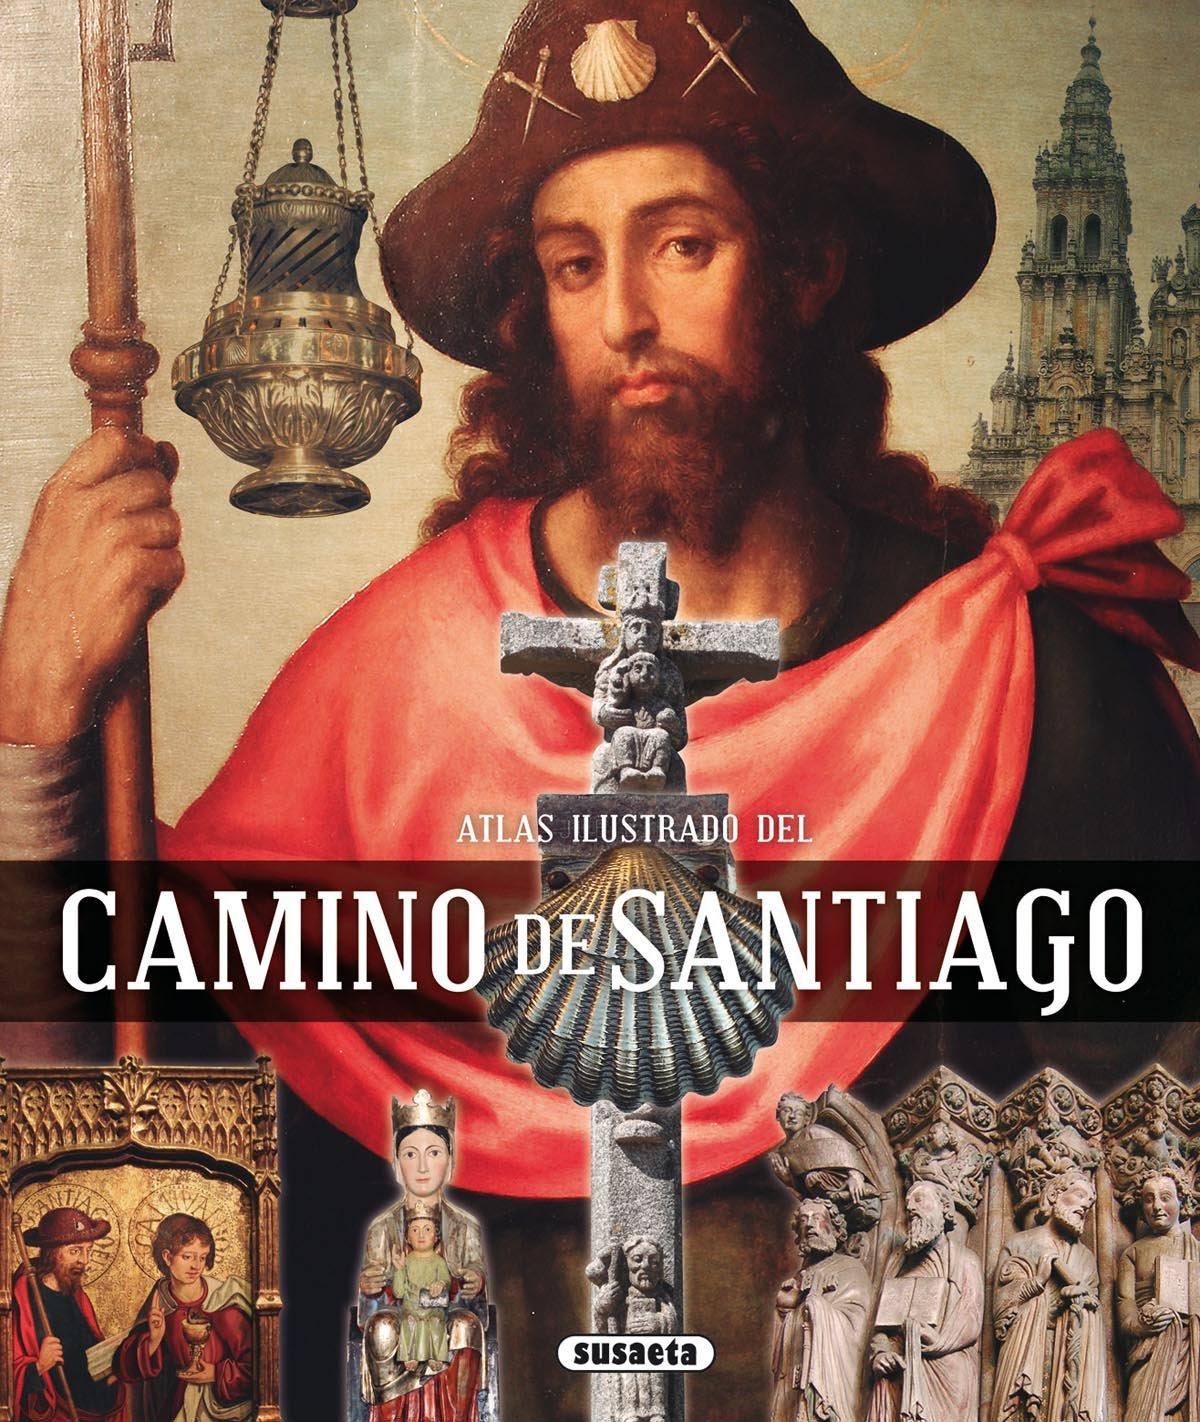 Atlas ilustrado del Camino de Santiago: Amazon.es: Balasch Blanch, Enric, Ruiz Arranz, Yolanda: Libros